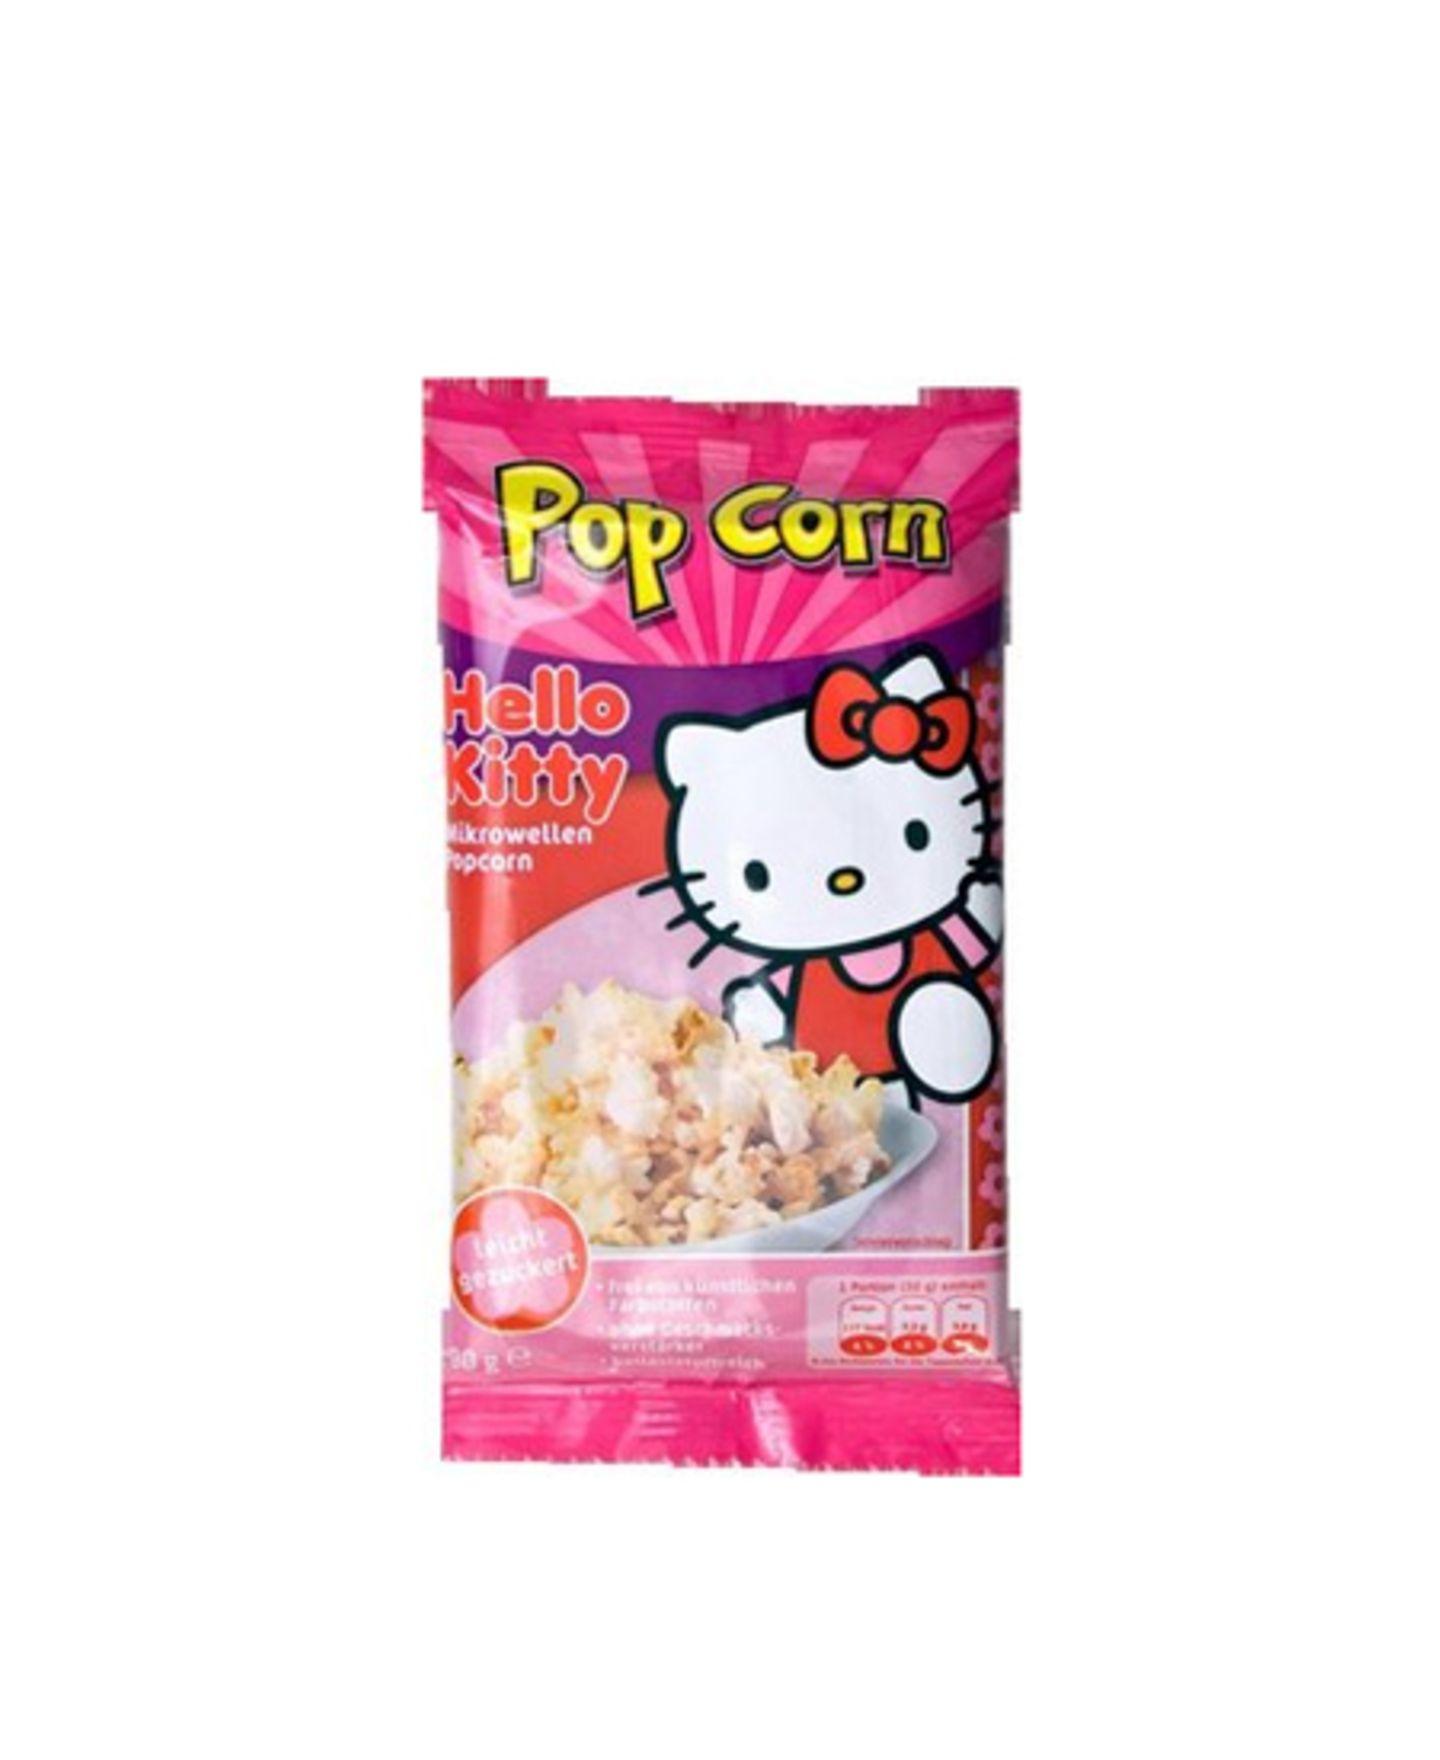 Popcorn für die Microwelle von OTTO, um 1,70 Euro.